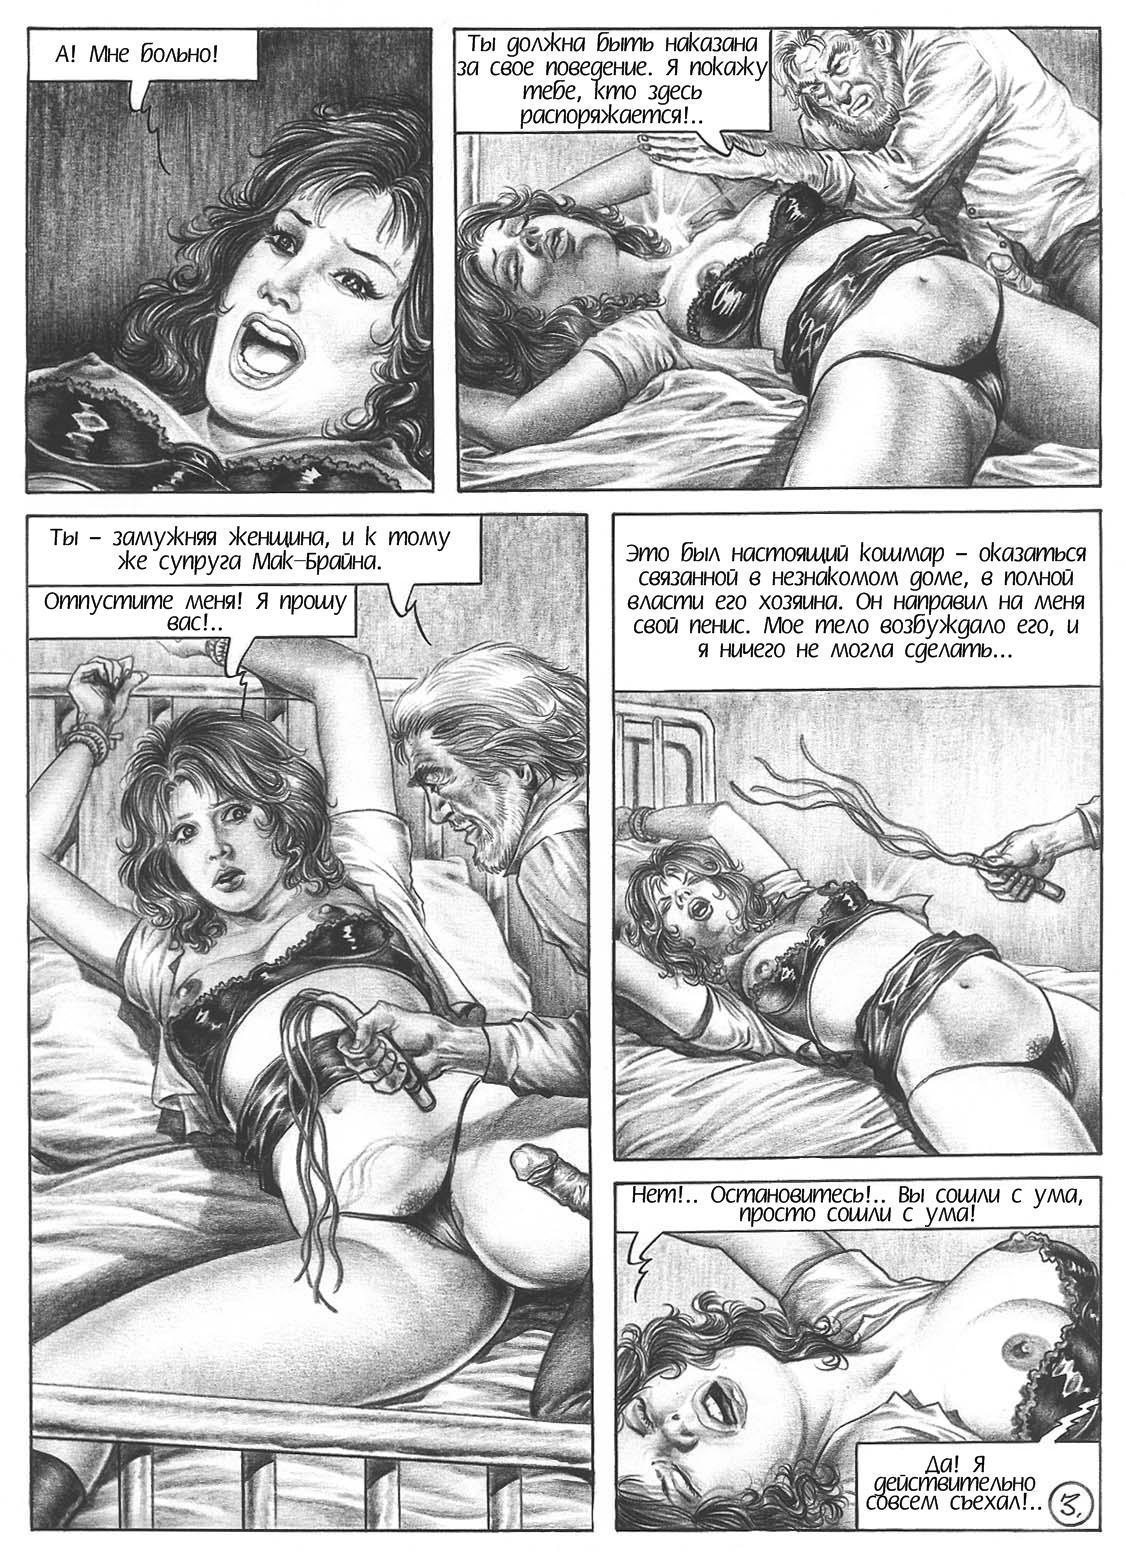 Секс истории читать полностью 15 фотография